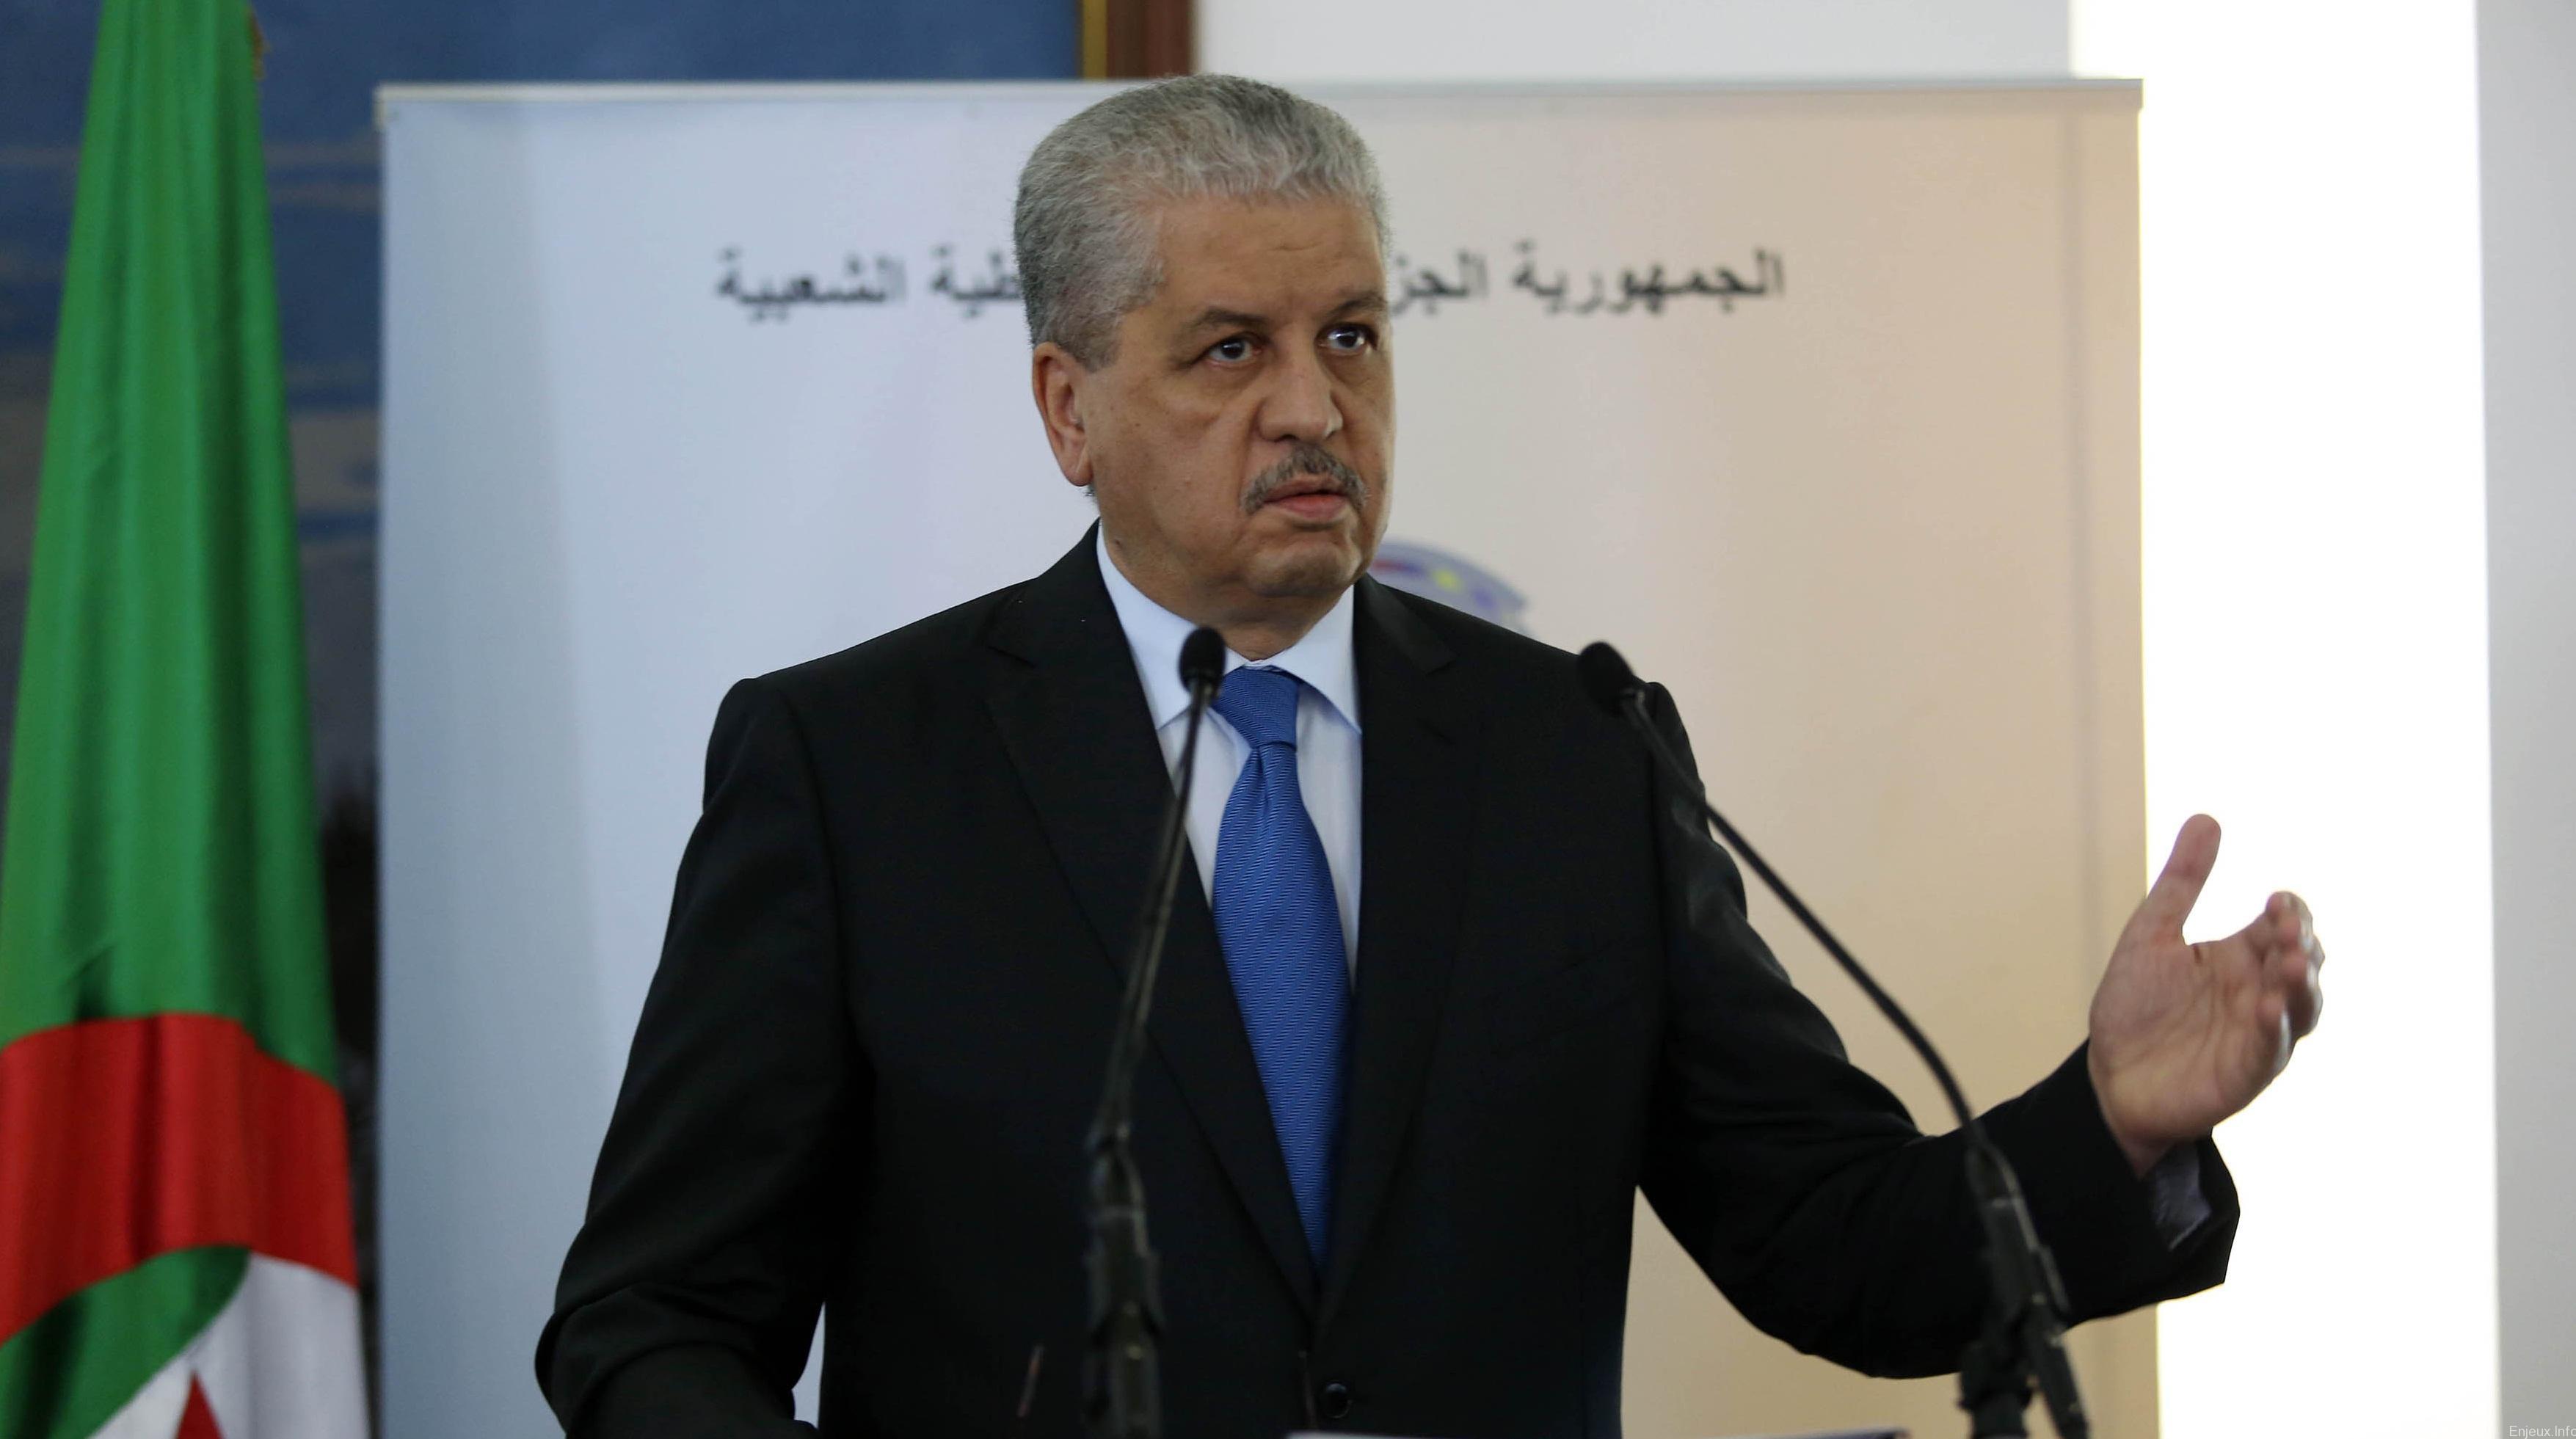 Rym Sellal, la fille du Premier ministre algérien, citée dans l'affaire des Panama Papers